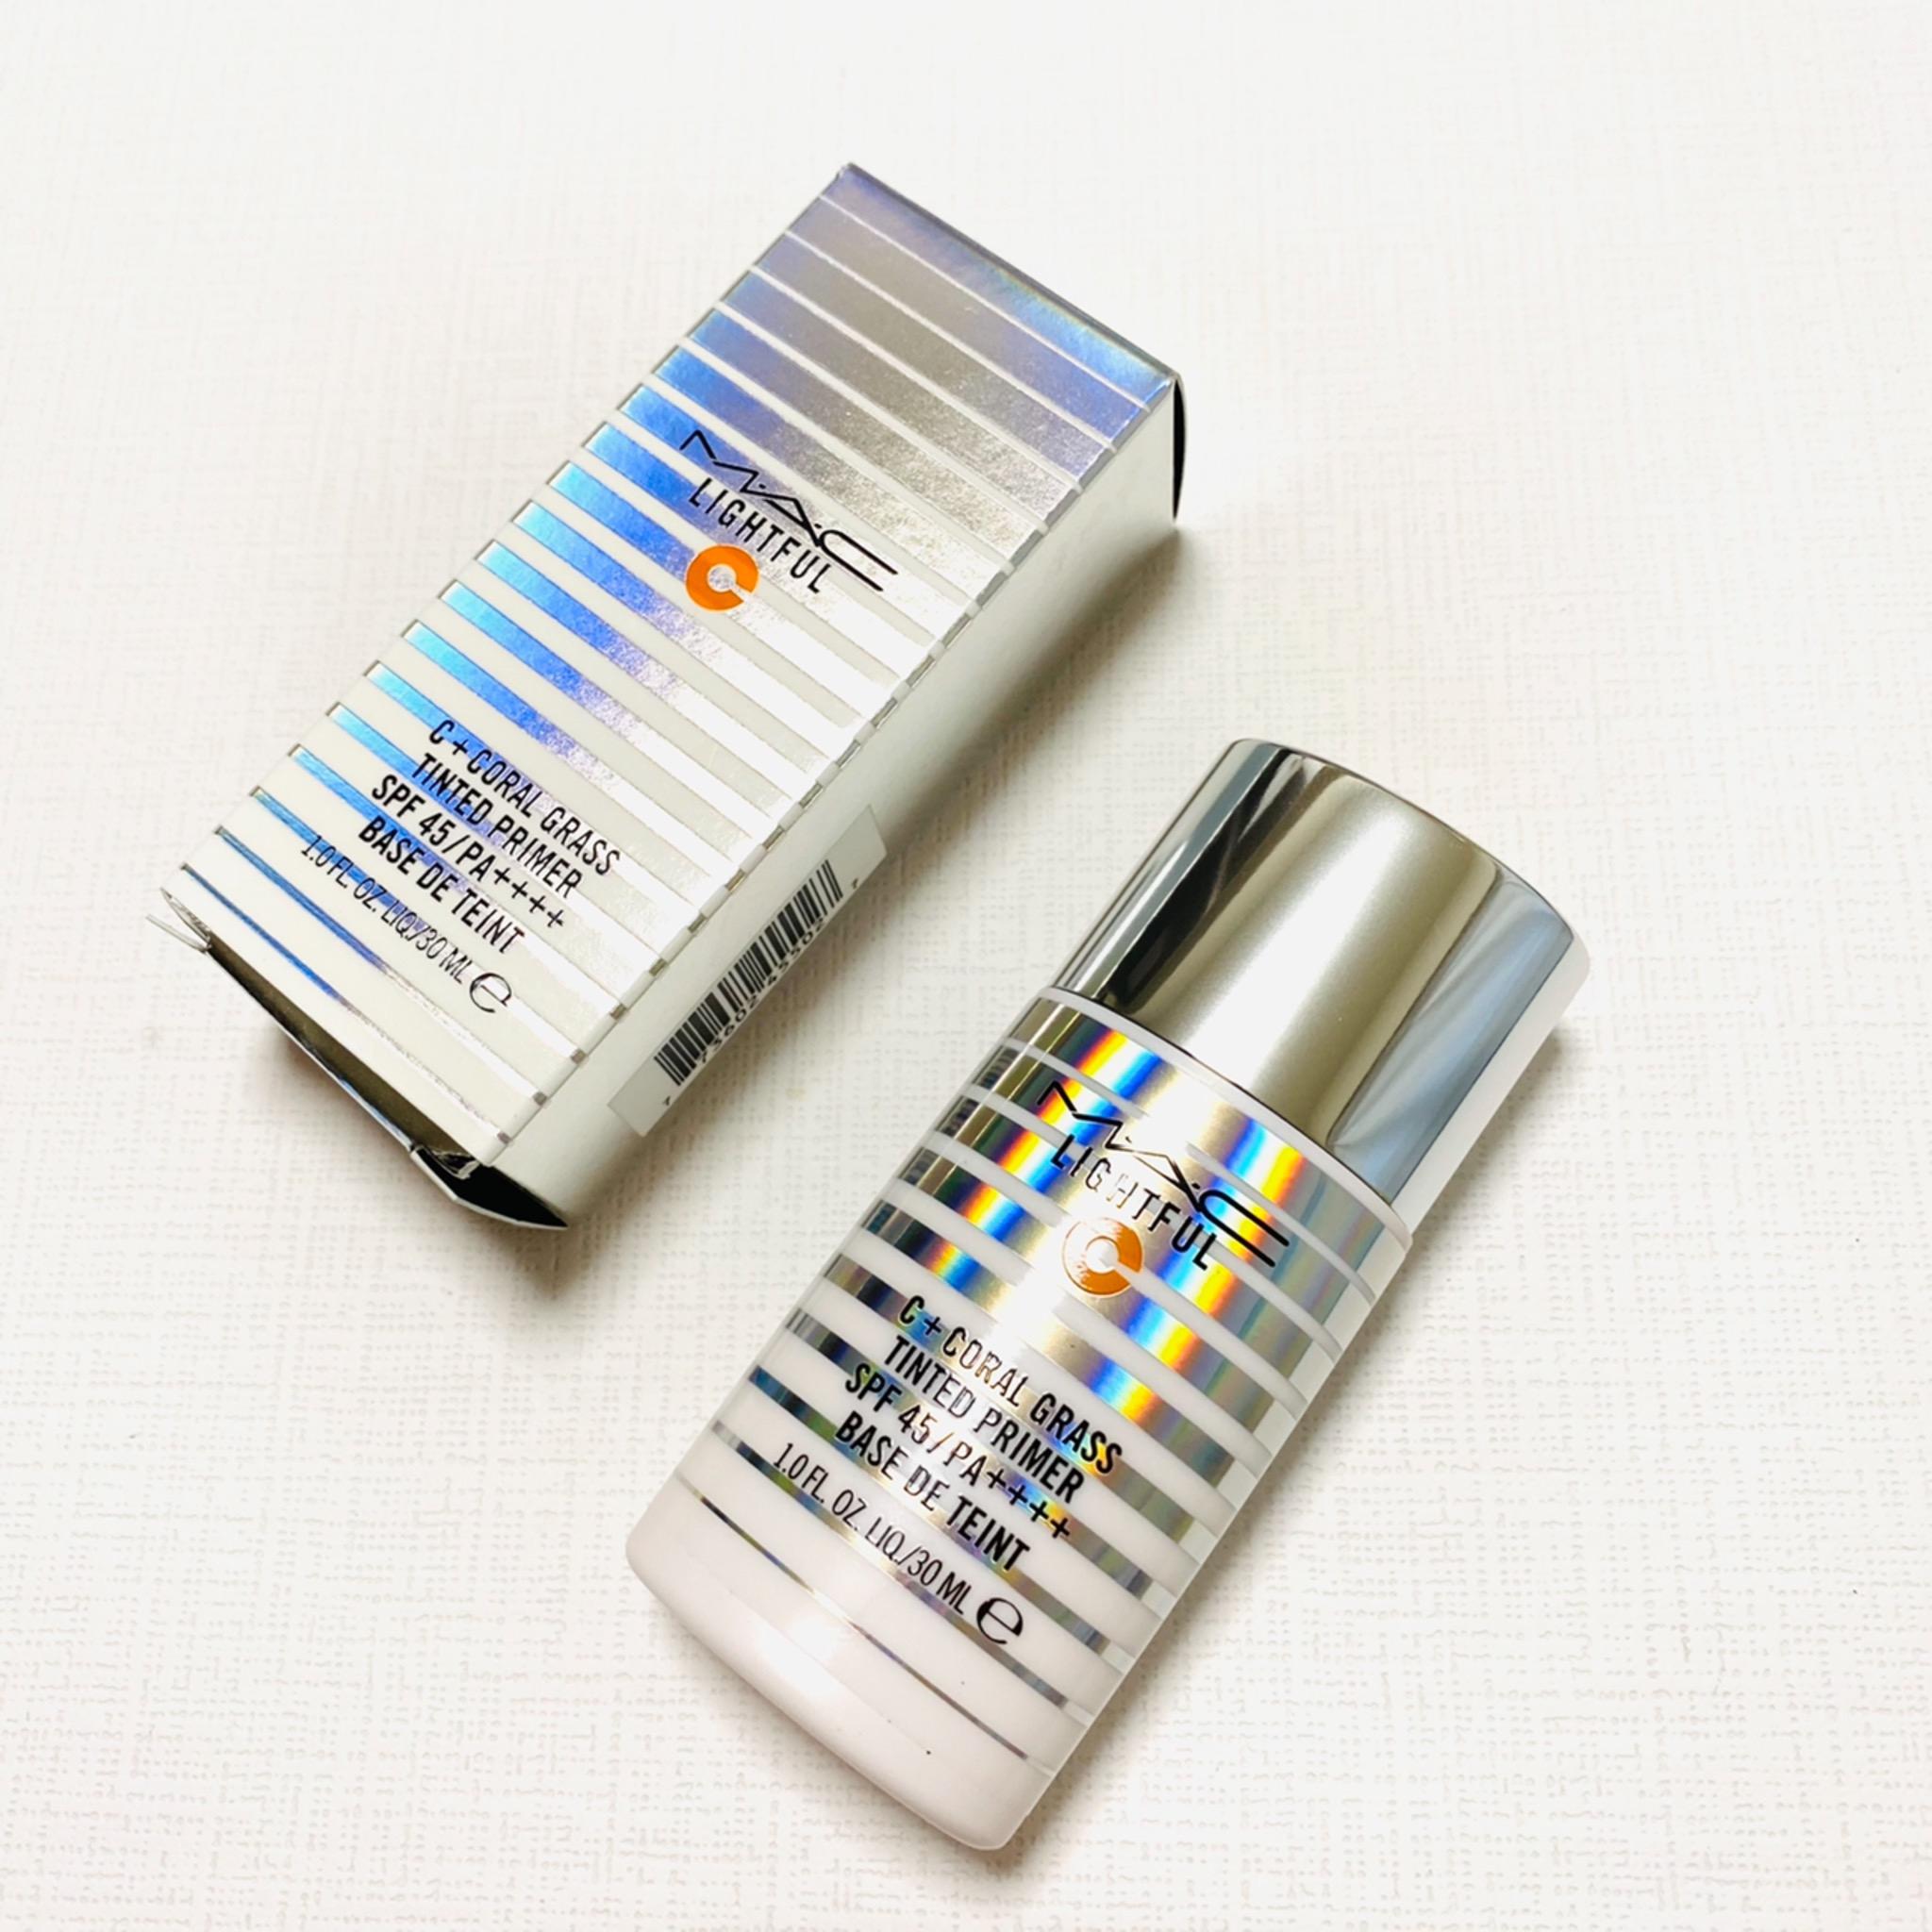 M・A・C(マック)ライトフル C+ ティンティッド プライマー SPF 45を使ったminoriさんのクチコミ画像3